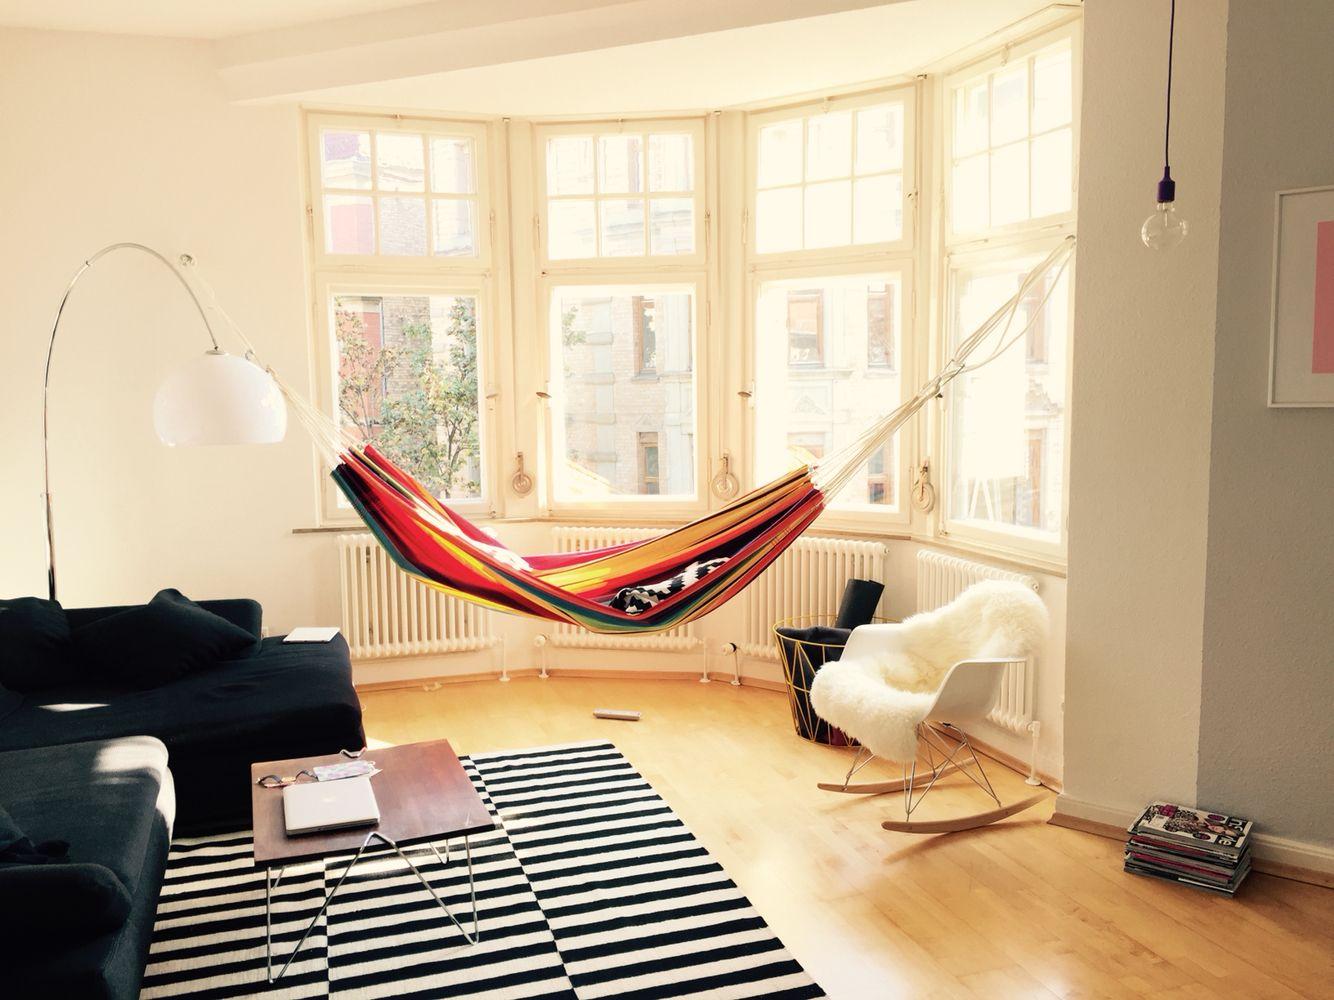 Hängematte im Wohnzimmer  Wohnung gestalten, Wohnen, Wohnung